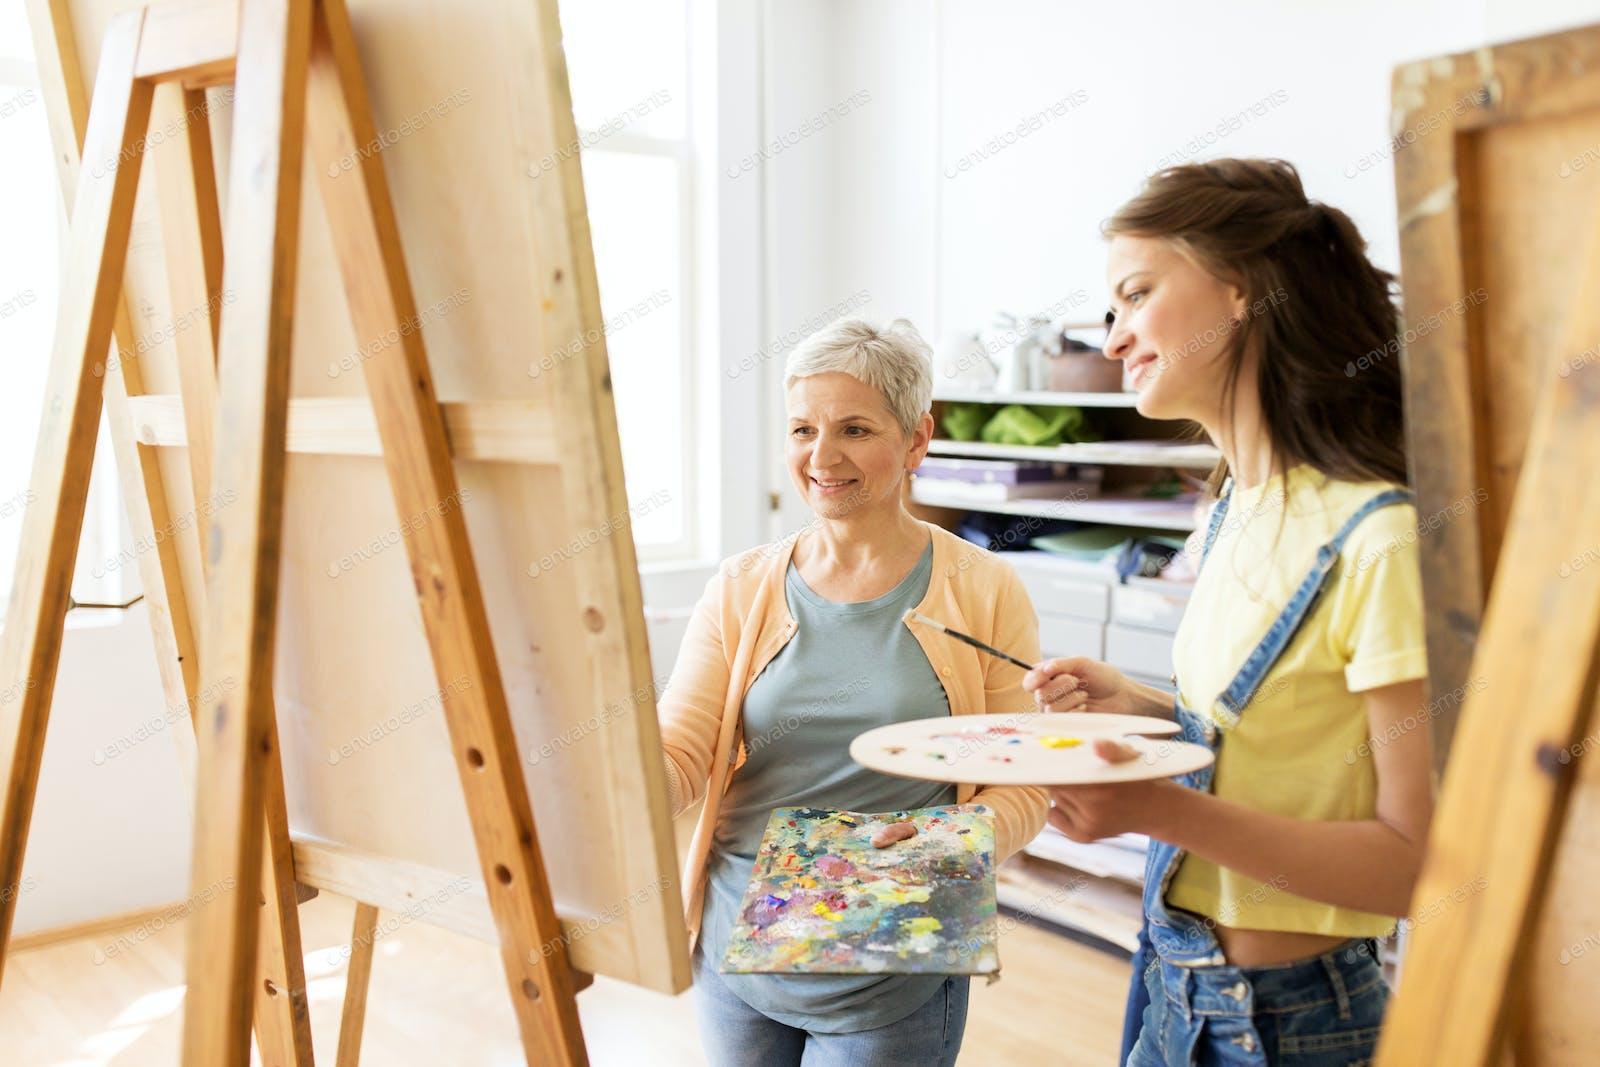 подсмотрел голыми фото счастливая семья с мольбертом кафедре экологии